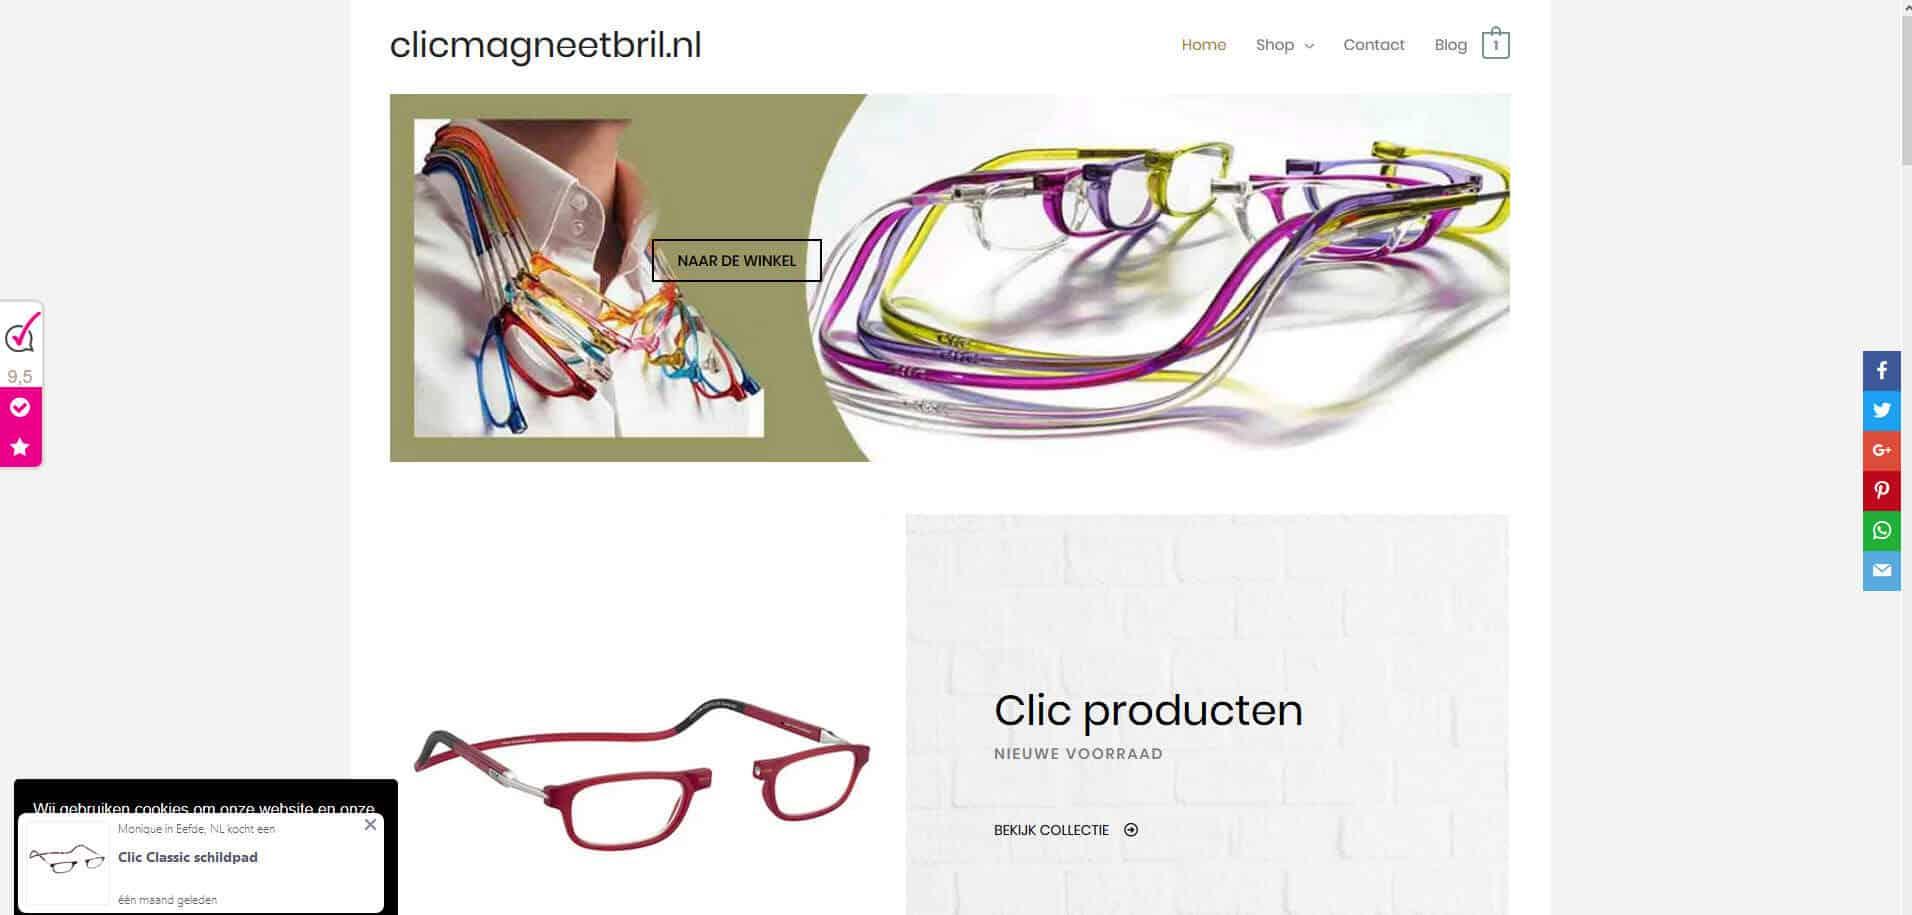 clicmagneetbril.nl 2019